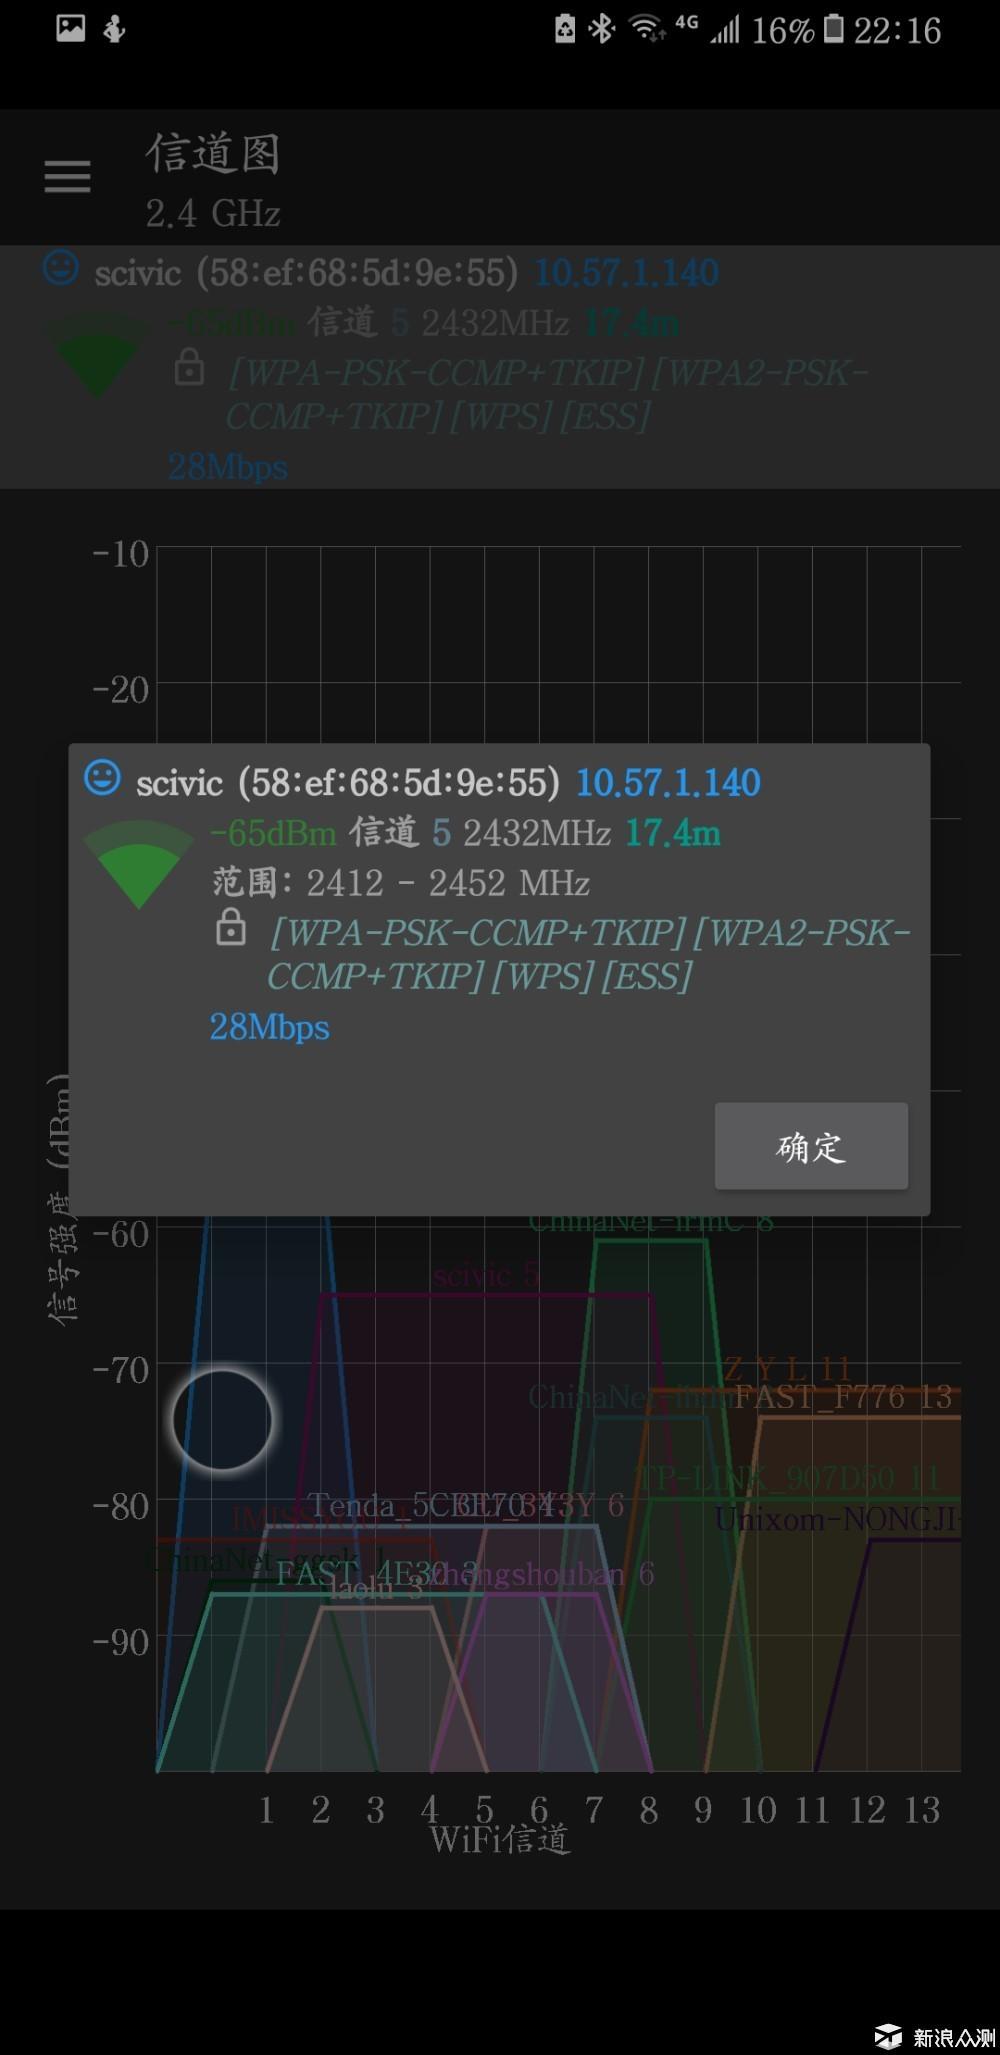 e602e82f93c4a799bc658710c602c0bb.jpg